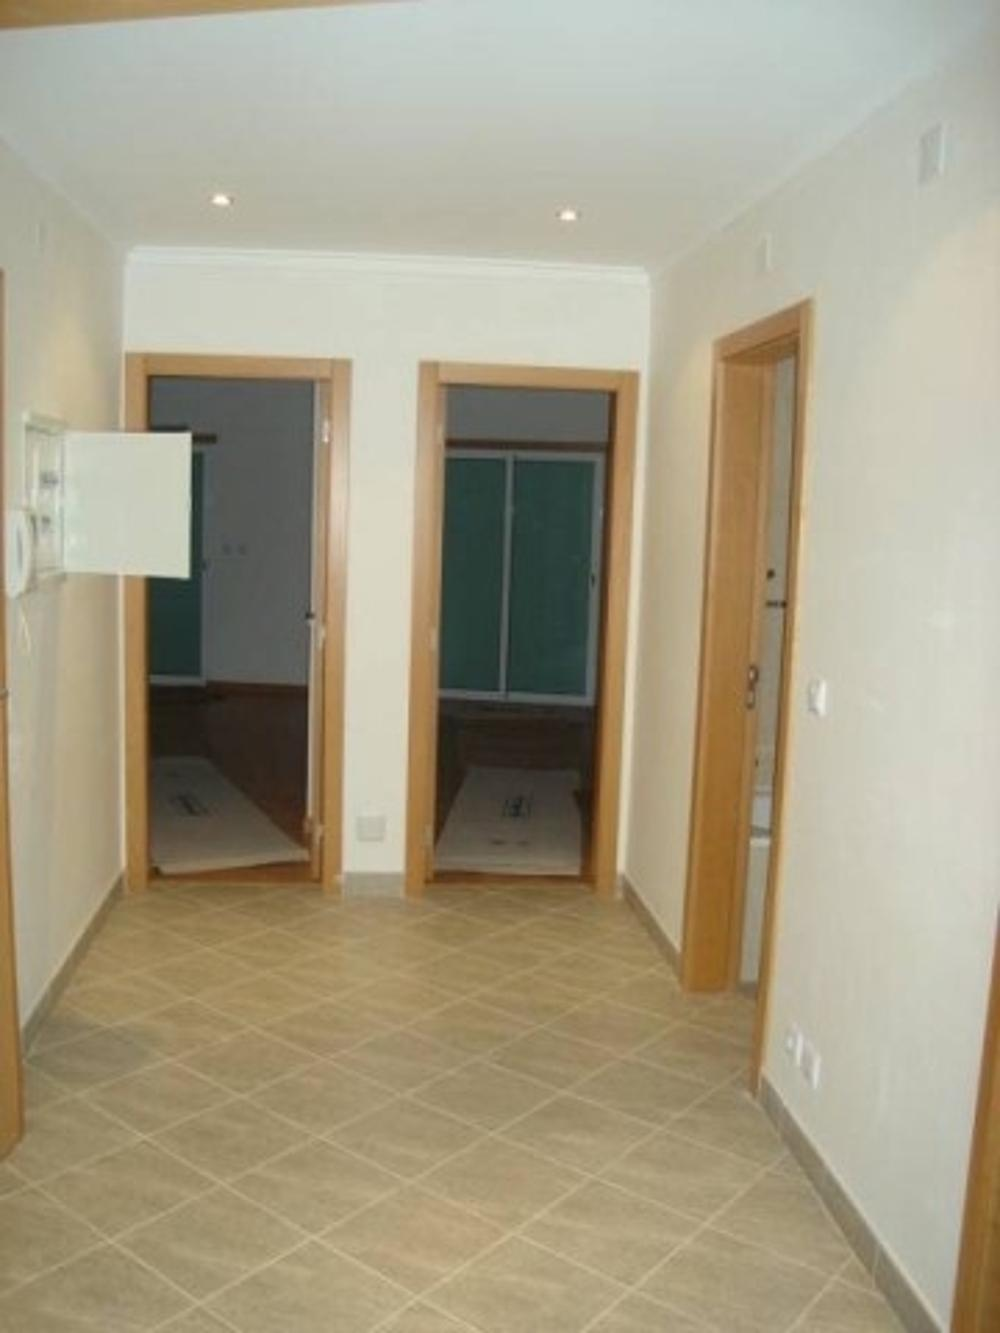 Corroios Seixal Apartment Bild 3865